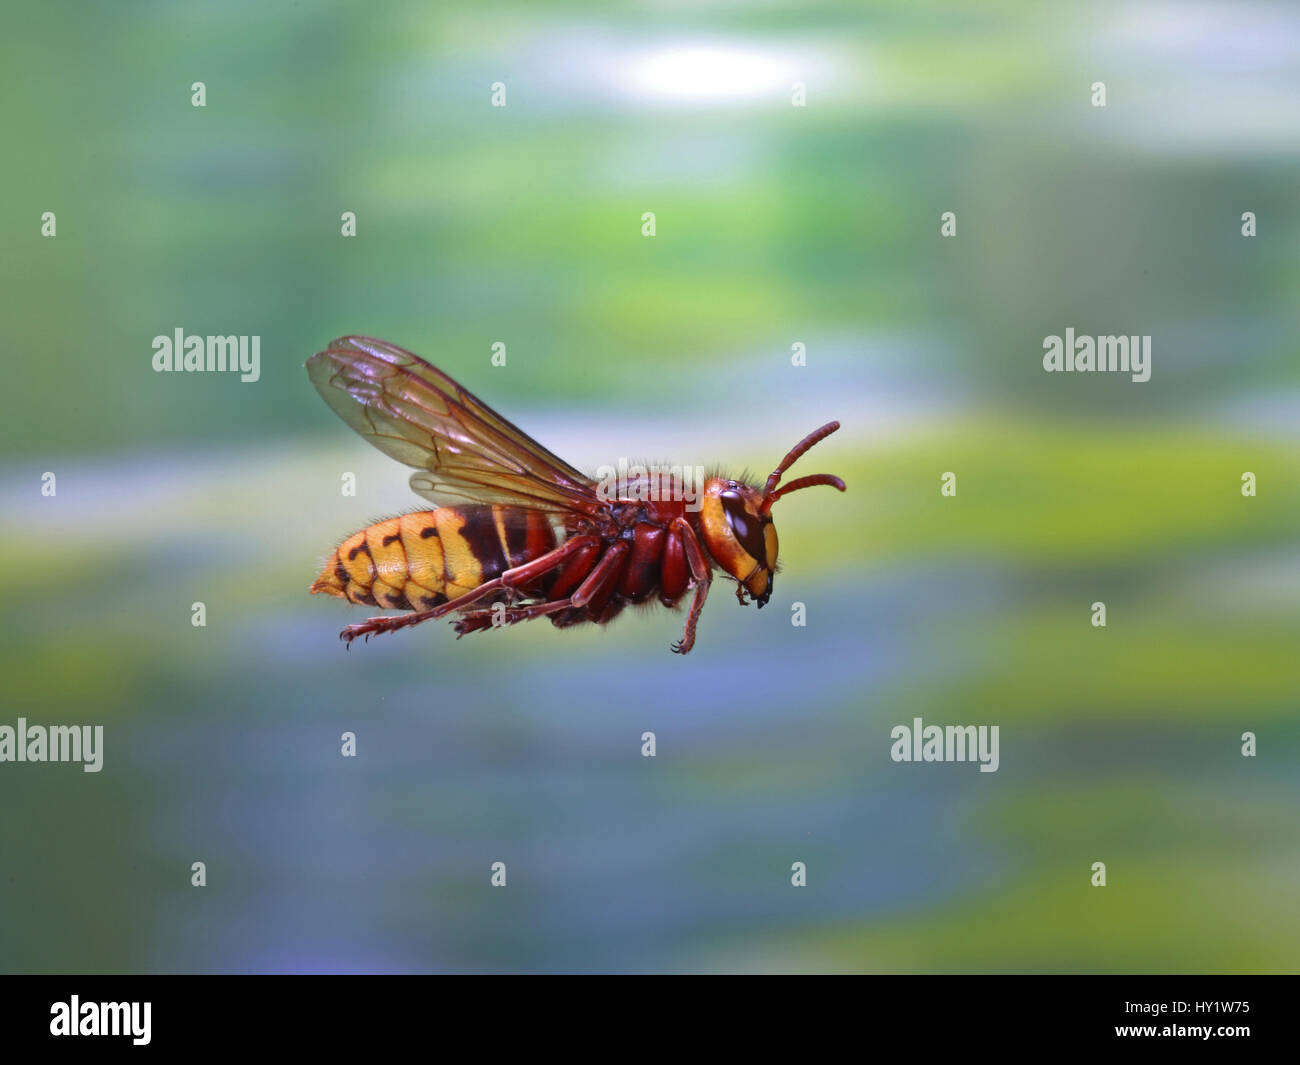 European hornet (Vespa crabro) worker in flight, Surrey, England, August. - Stock Image